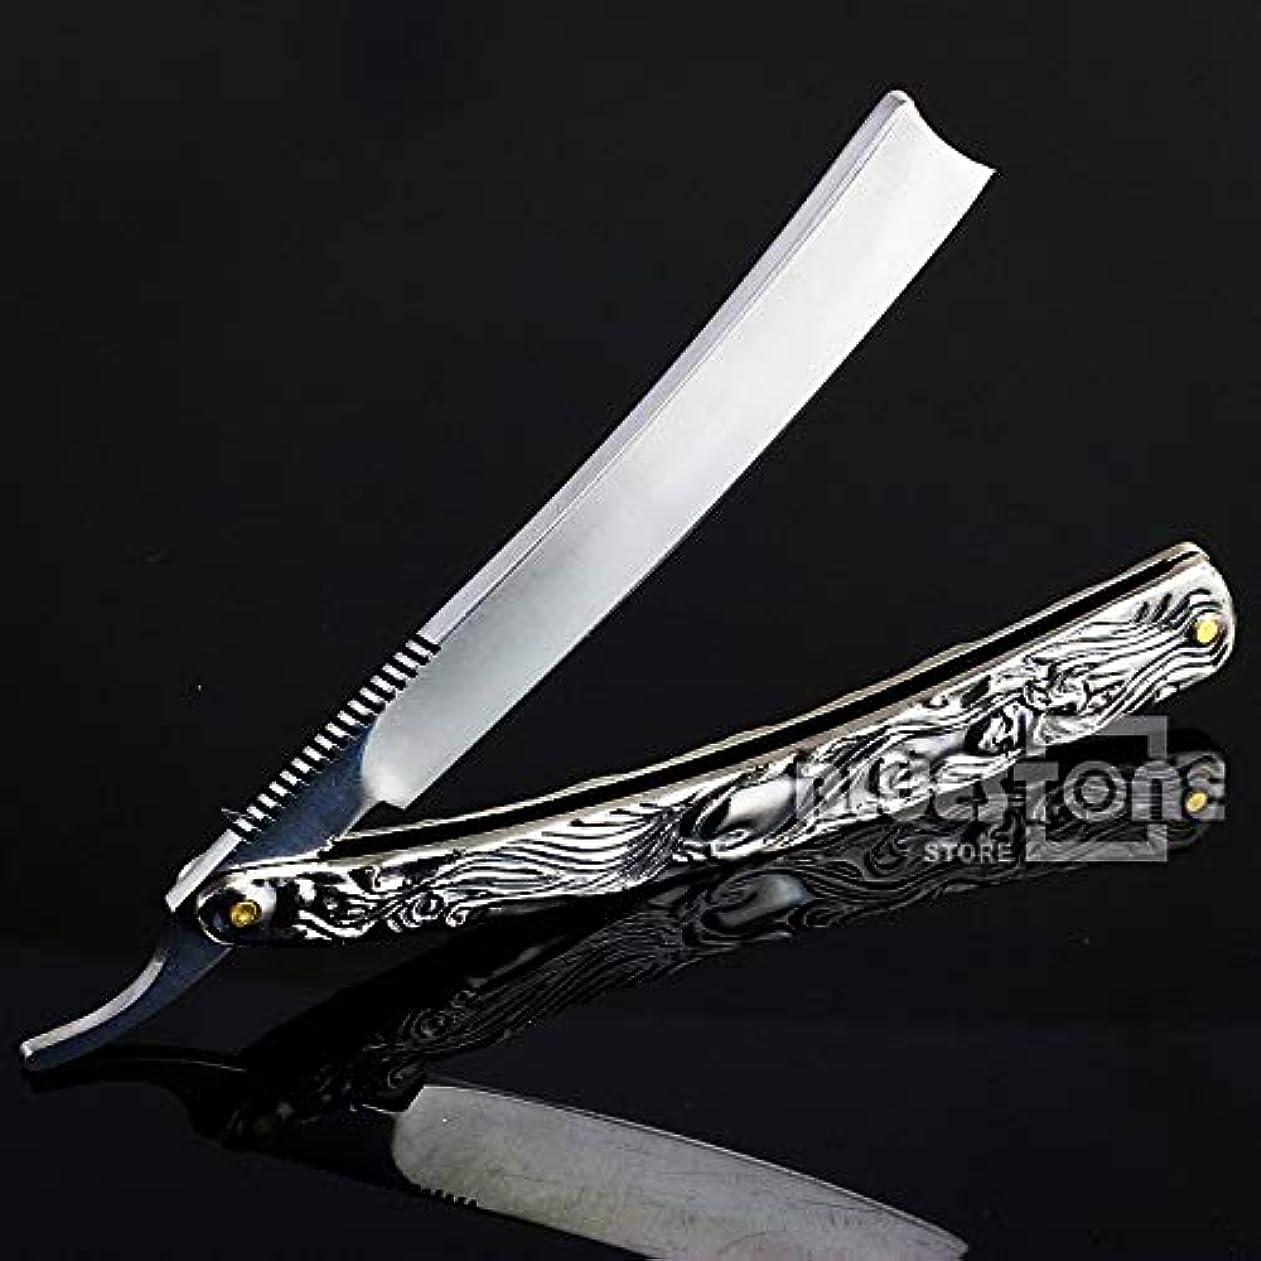 支援ツーリスト騒ぎZyary - 高品質ヴィンテージアルミストレートエッジステンレススチールシェイパー理容カミソリ折りたたみシェービングナイフ